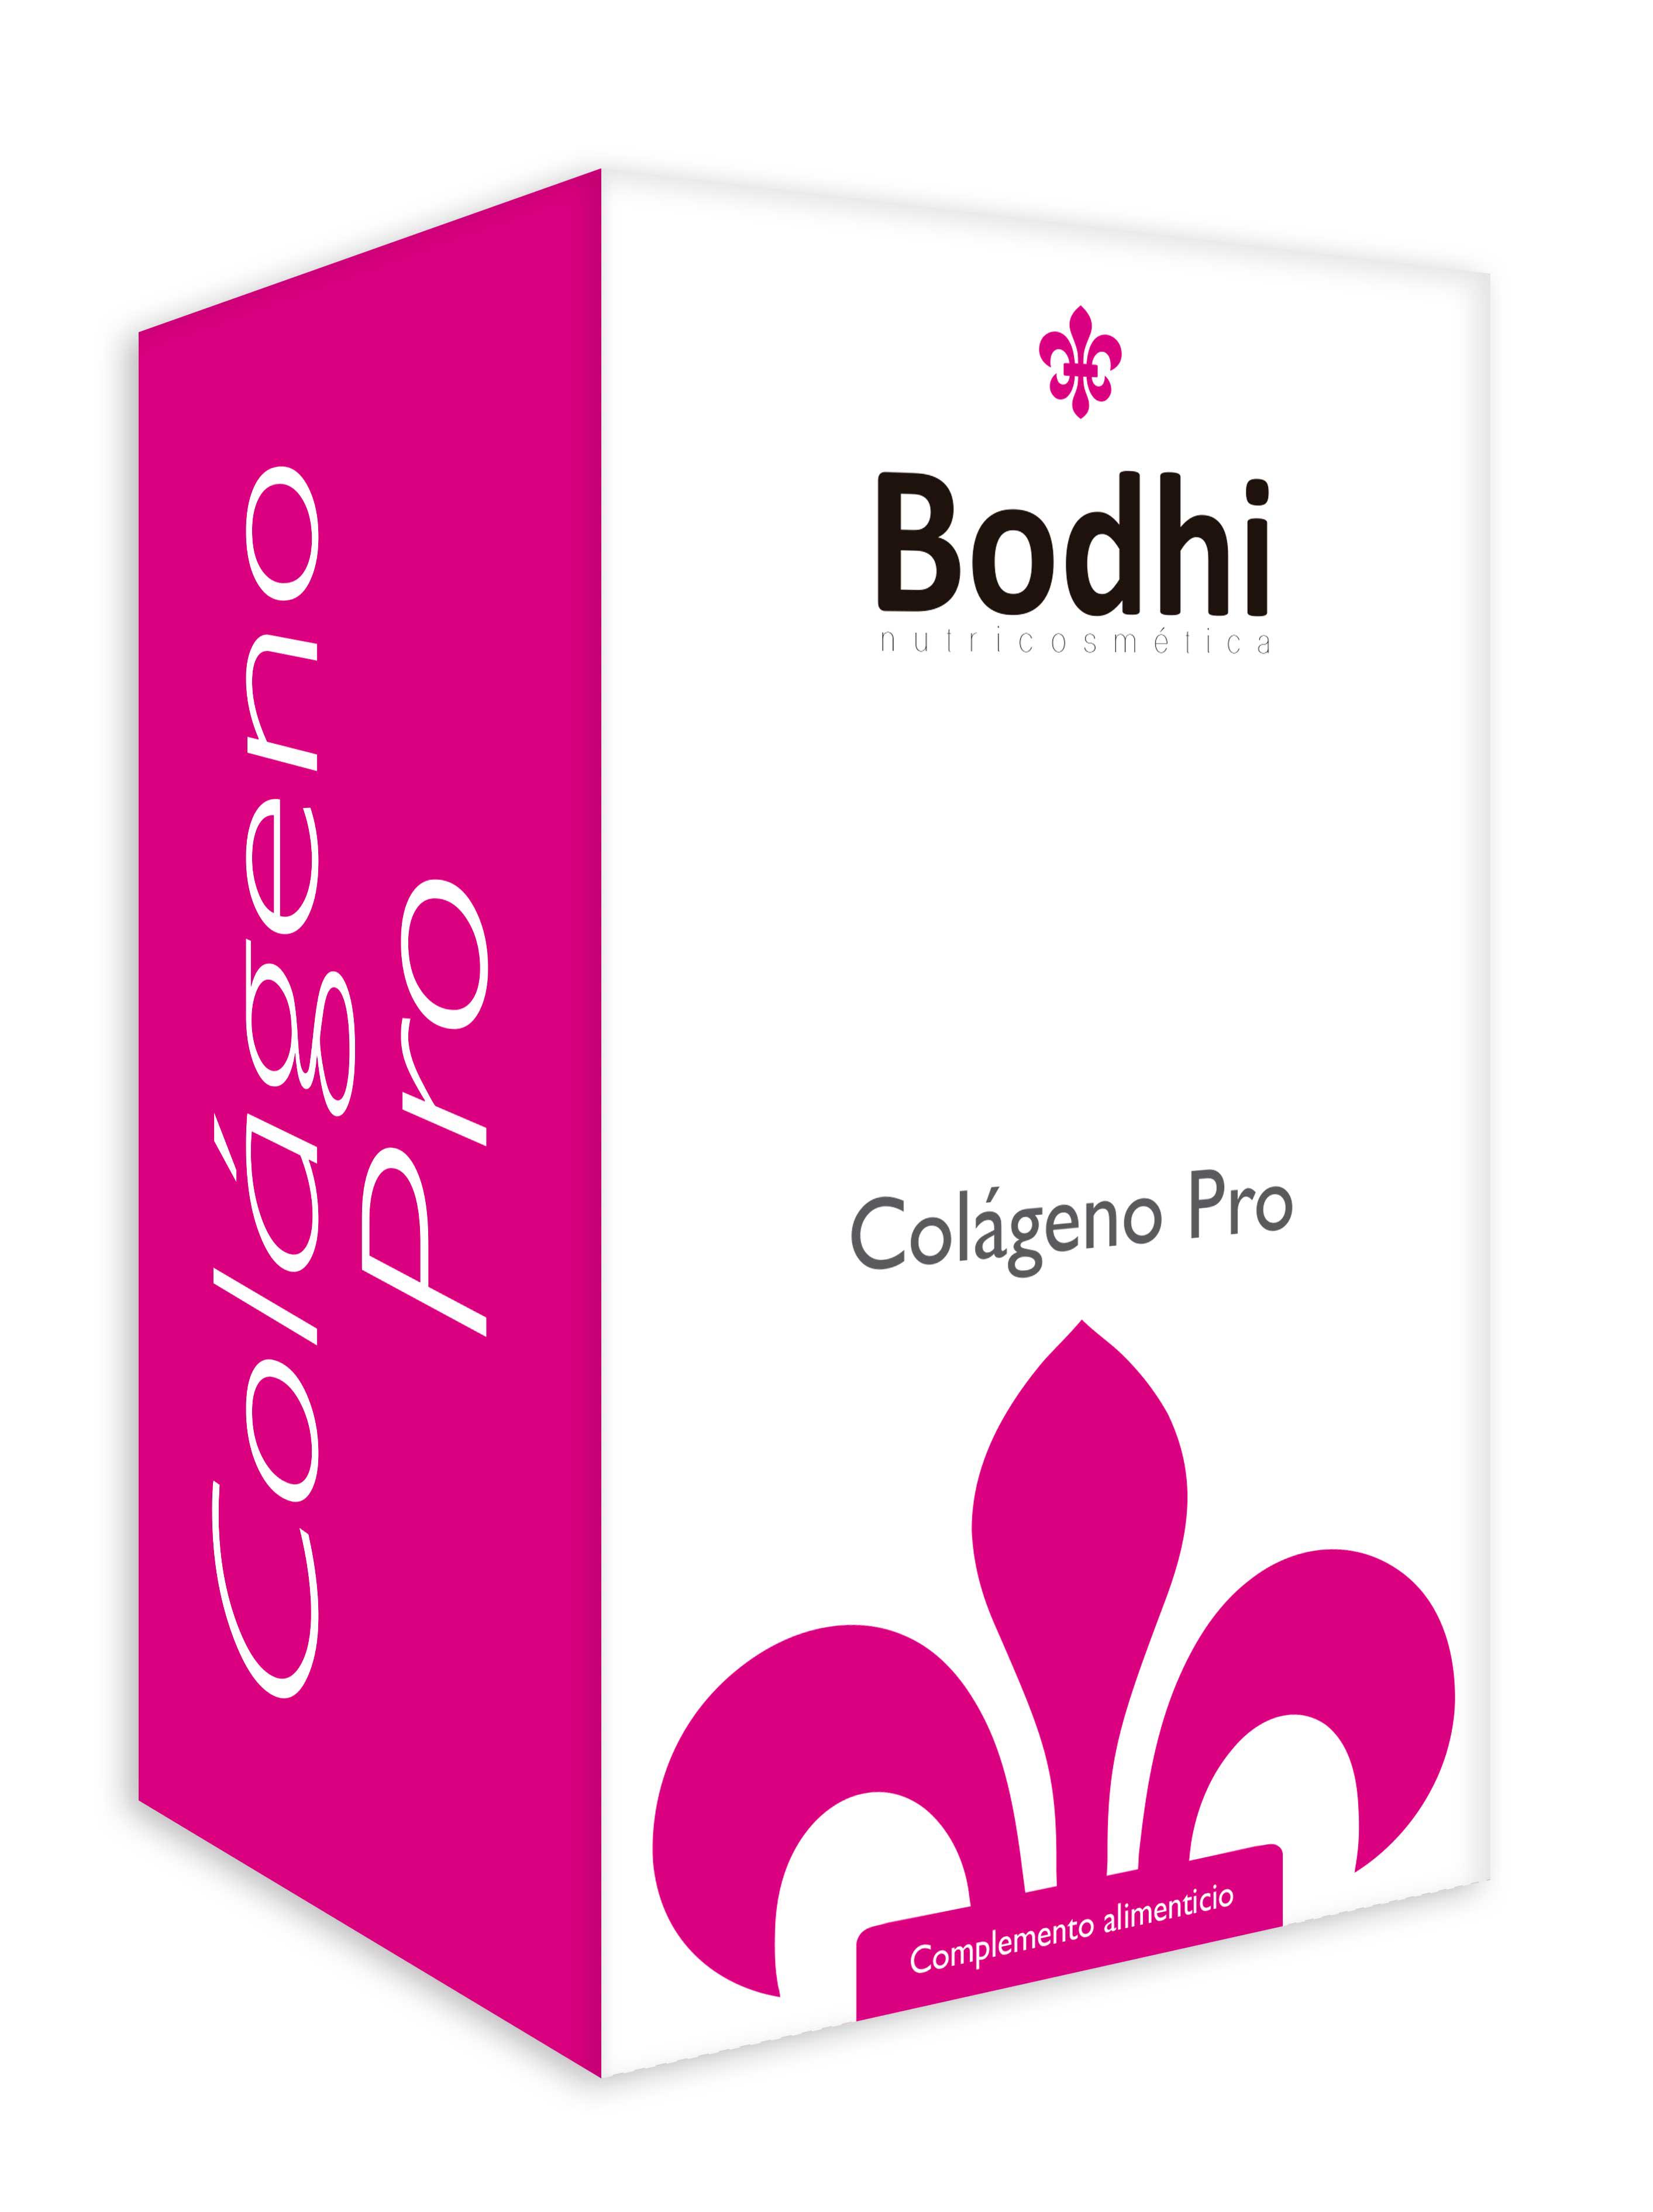 Fanny centre estetica el masnou nutricosmetica bodhi colagen Pro